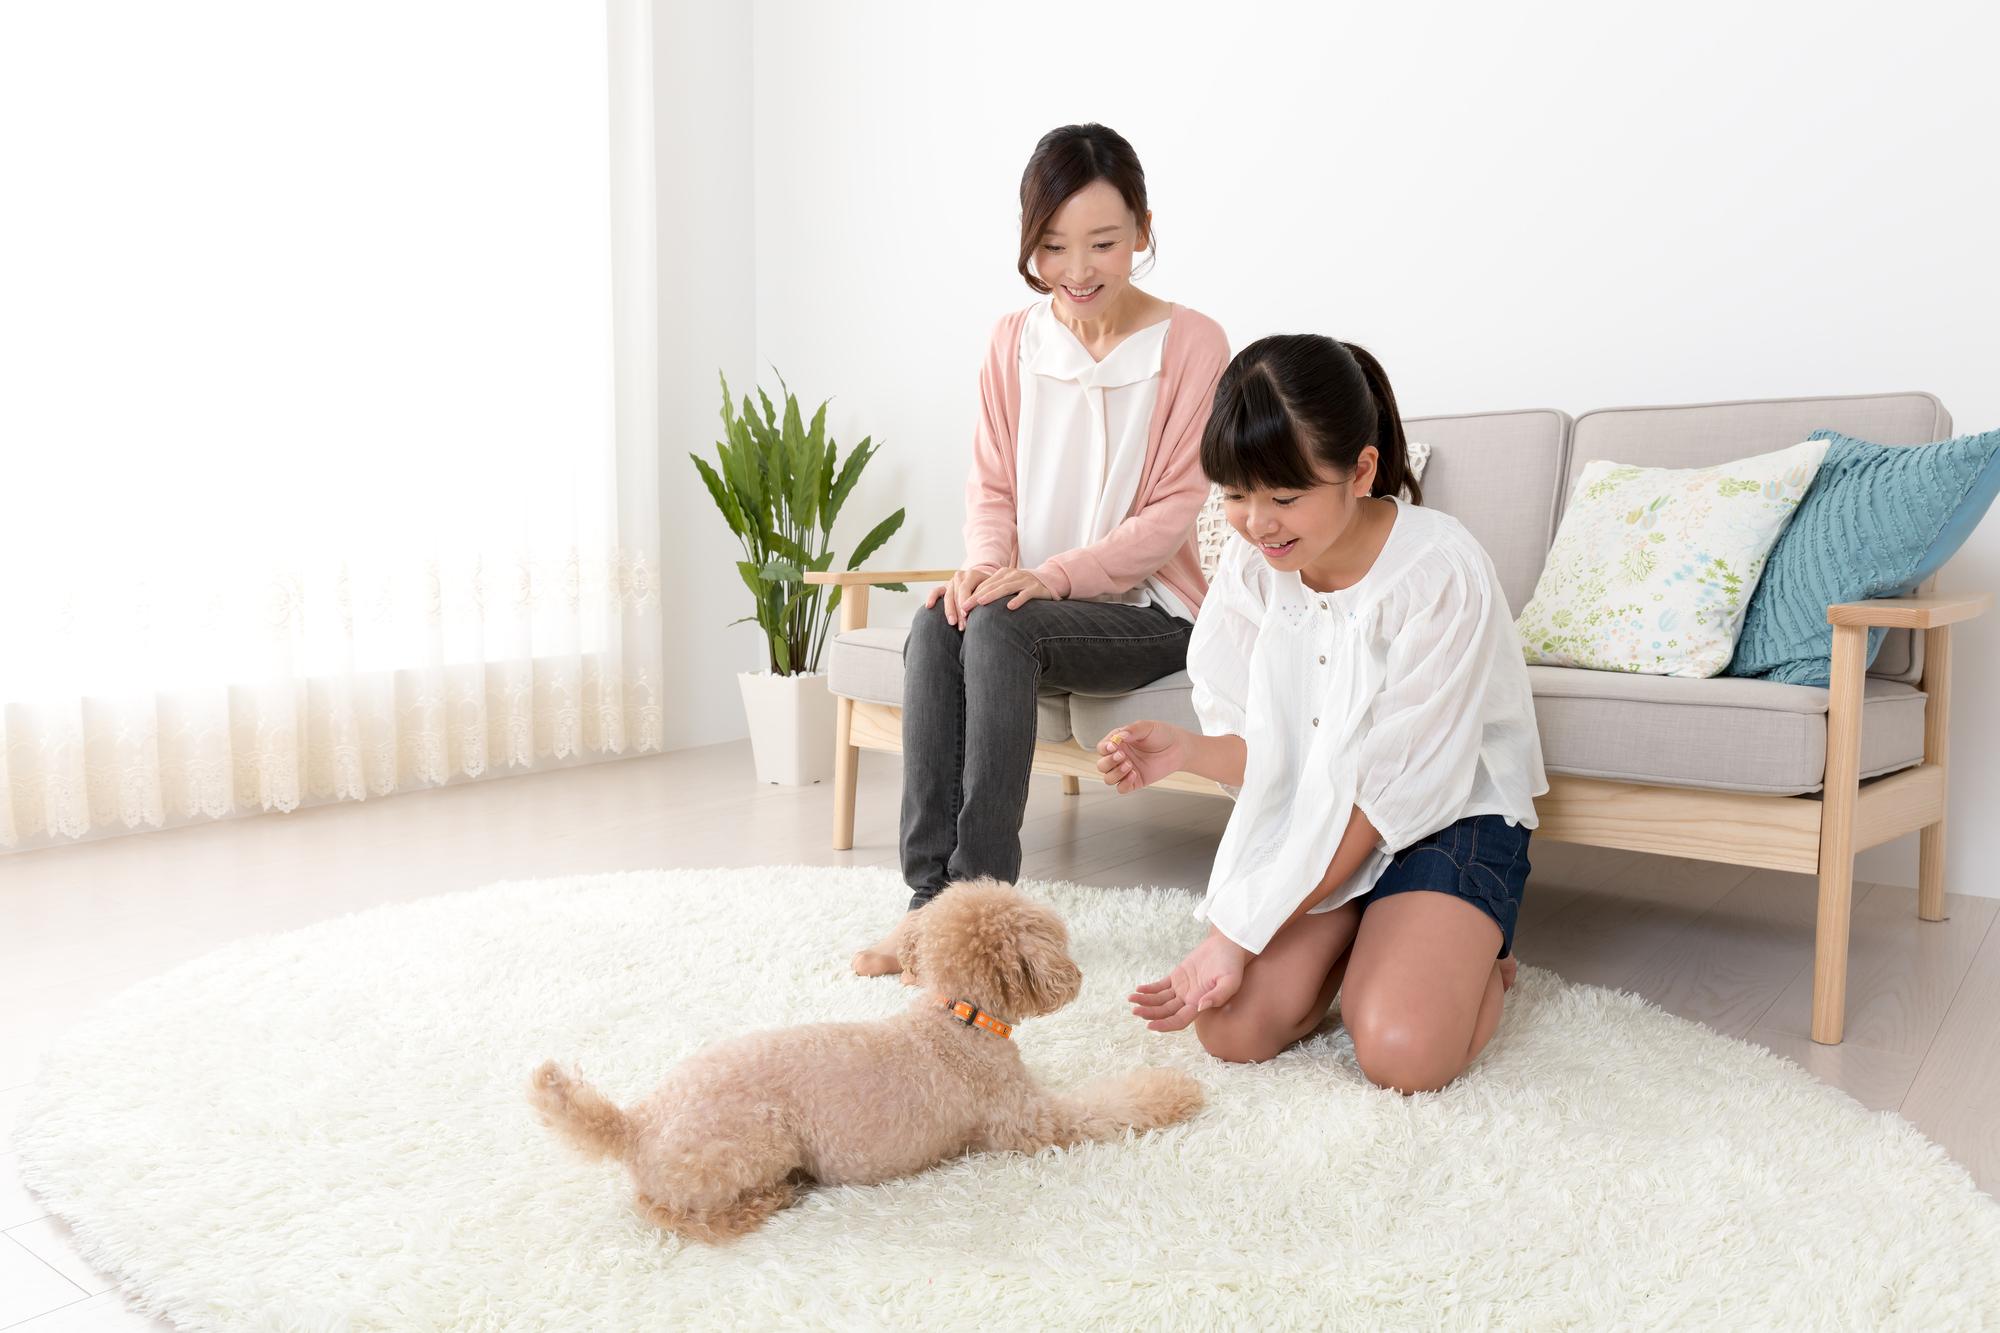 ボディコンディションスコア(BCS)モデルは愛犬の肥満チェックツール!